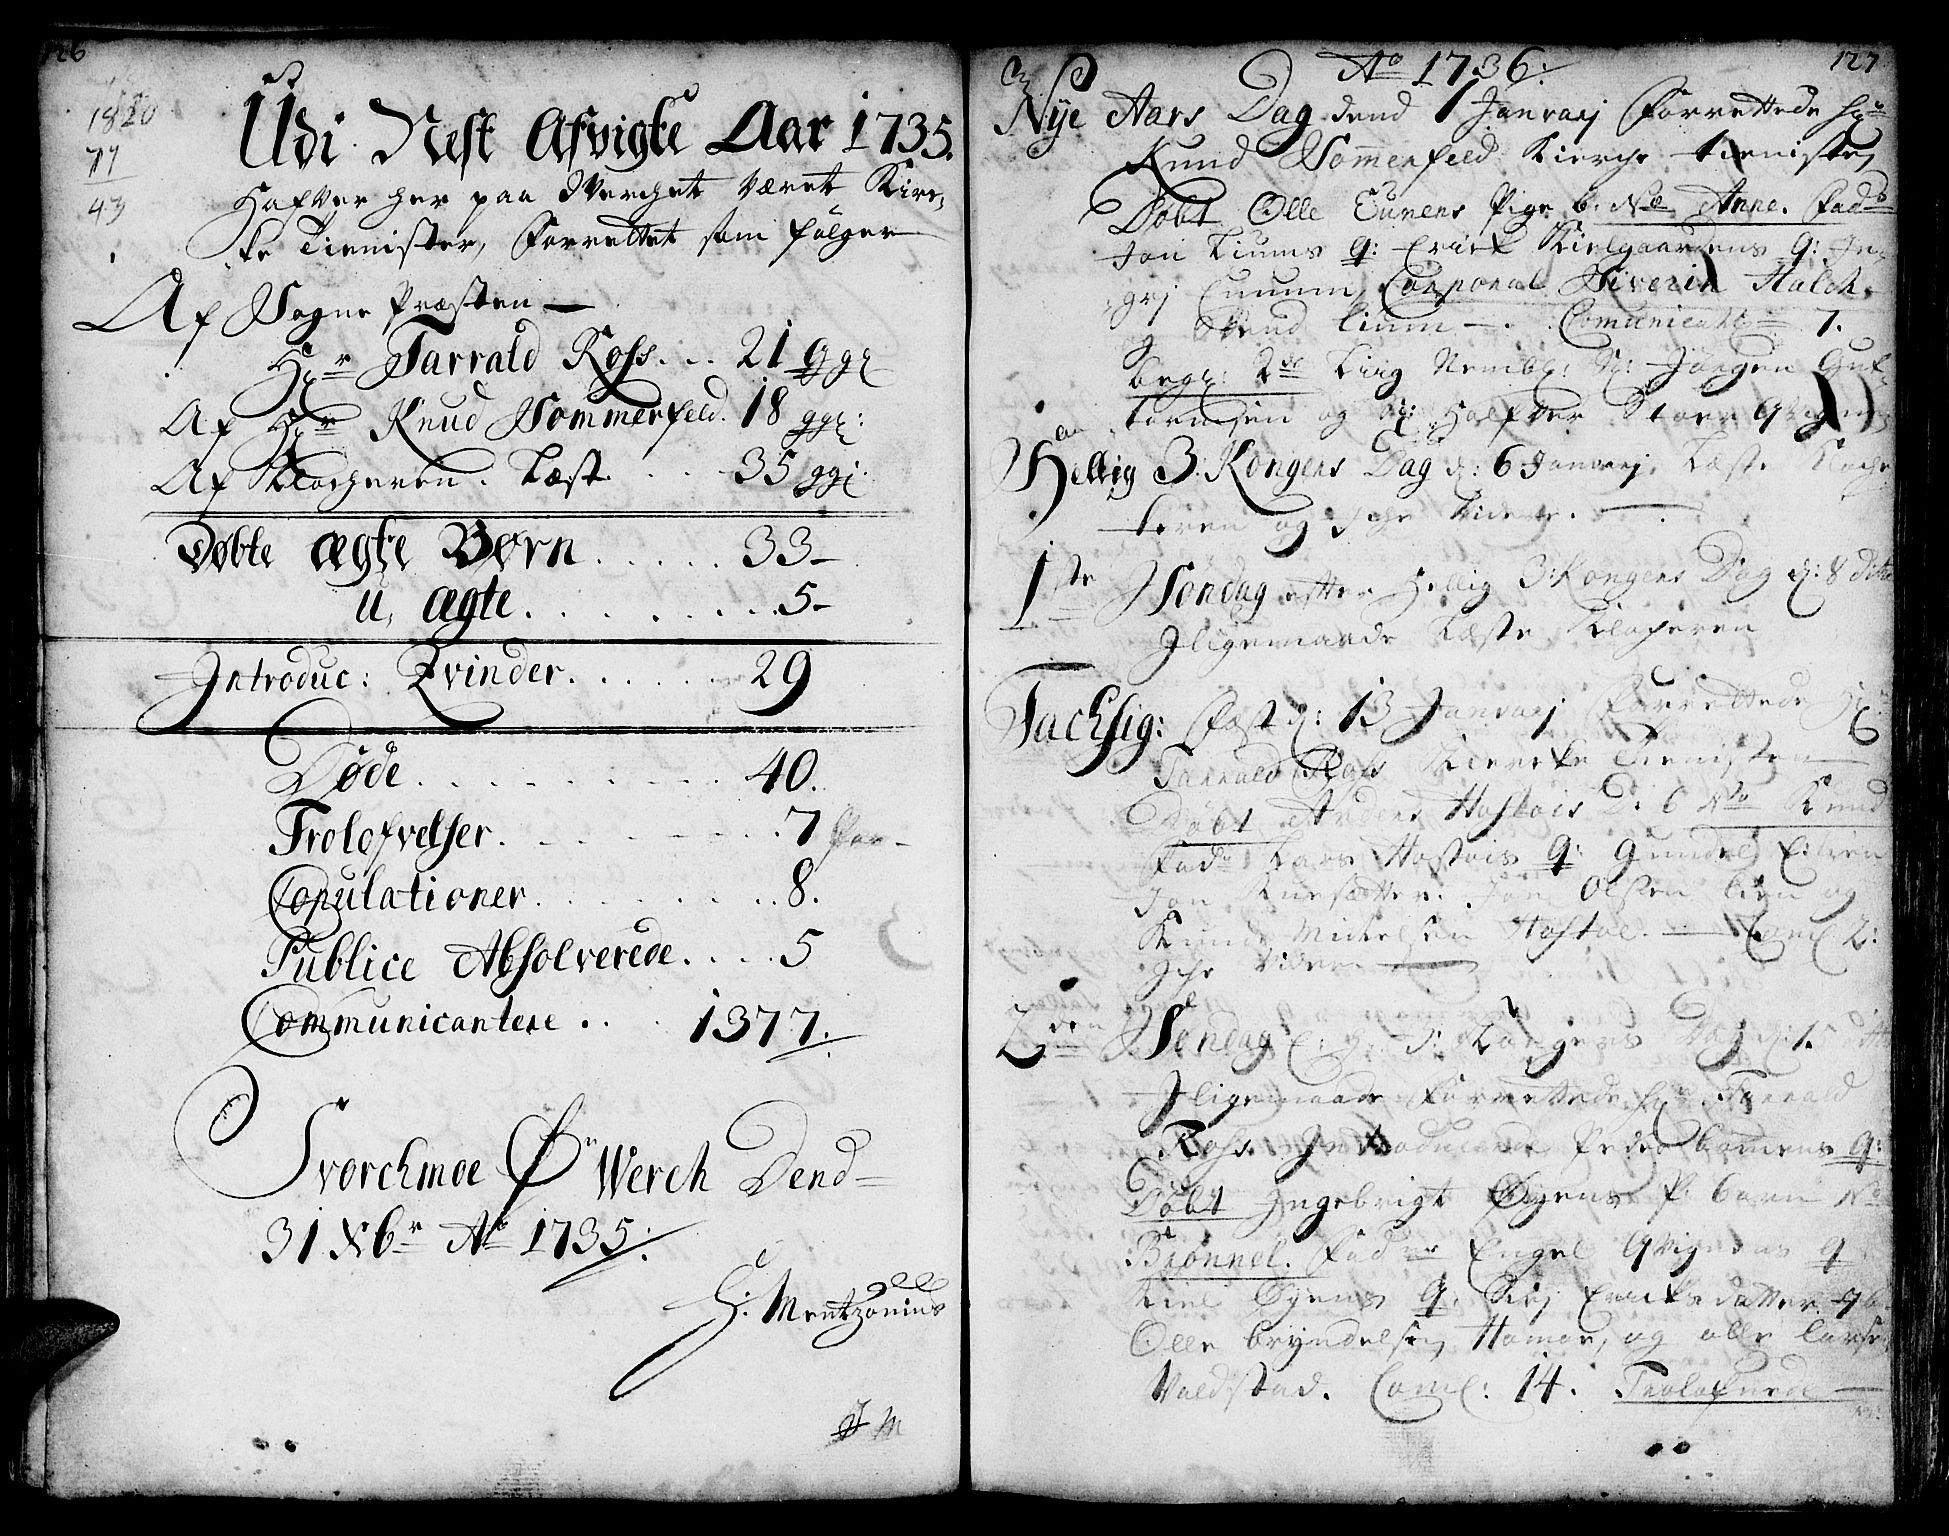 SAT, Ministerialprotokoller, klokkerbøker og fødselsregistre - Sør-Trøndelag, 671/L0839: Ministerialbok nr. 671A01, 1730-1755, s. 126-127